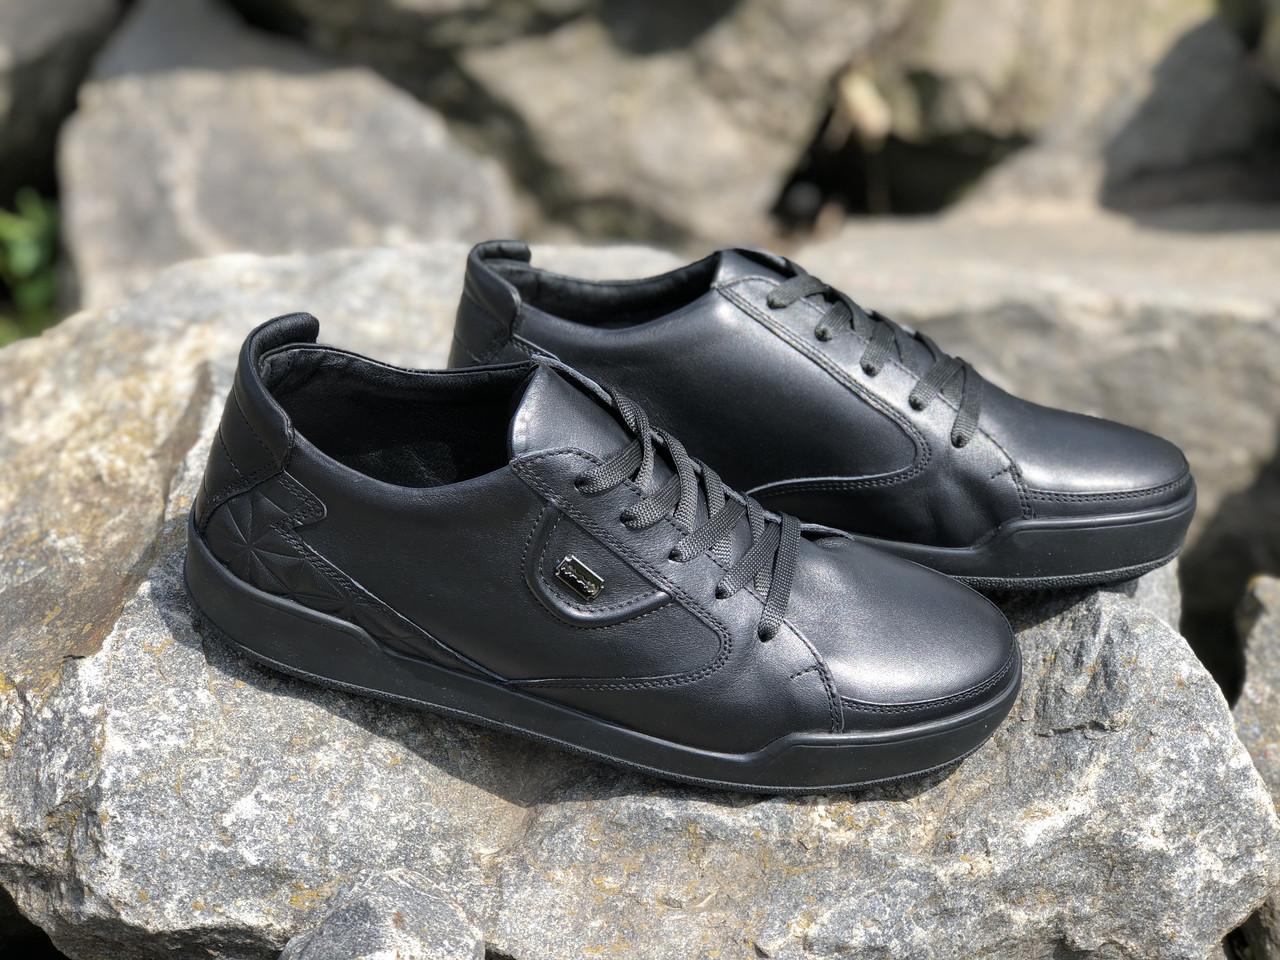 Кроссовки кожаные мужские  19129 чер 42-45 размеры